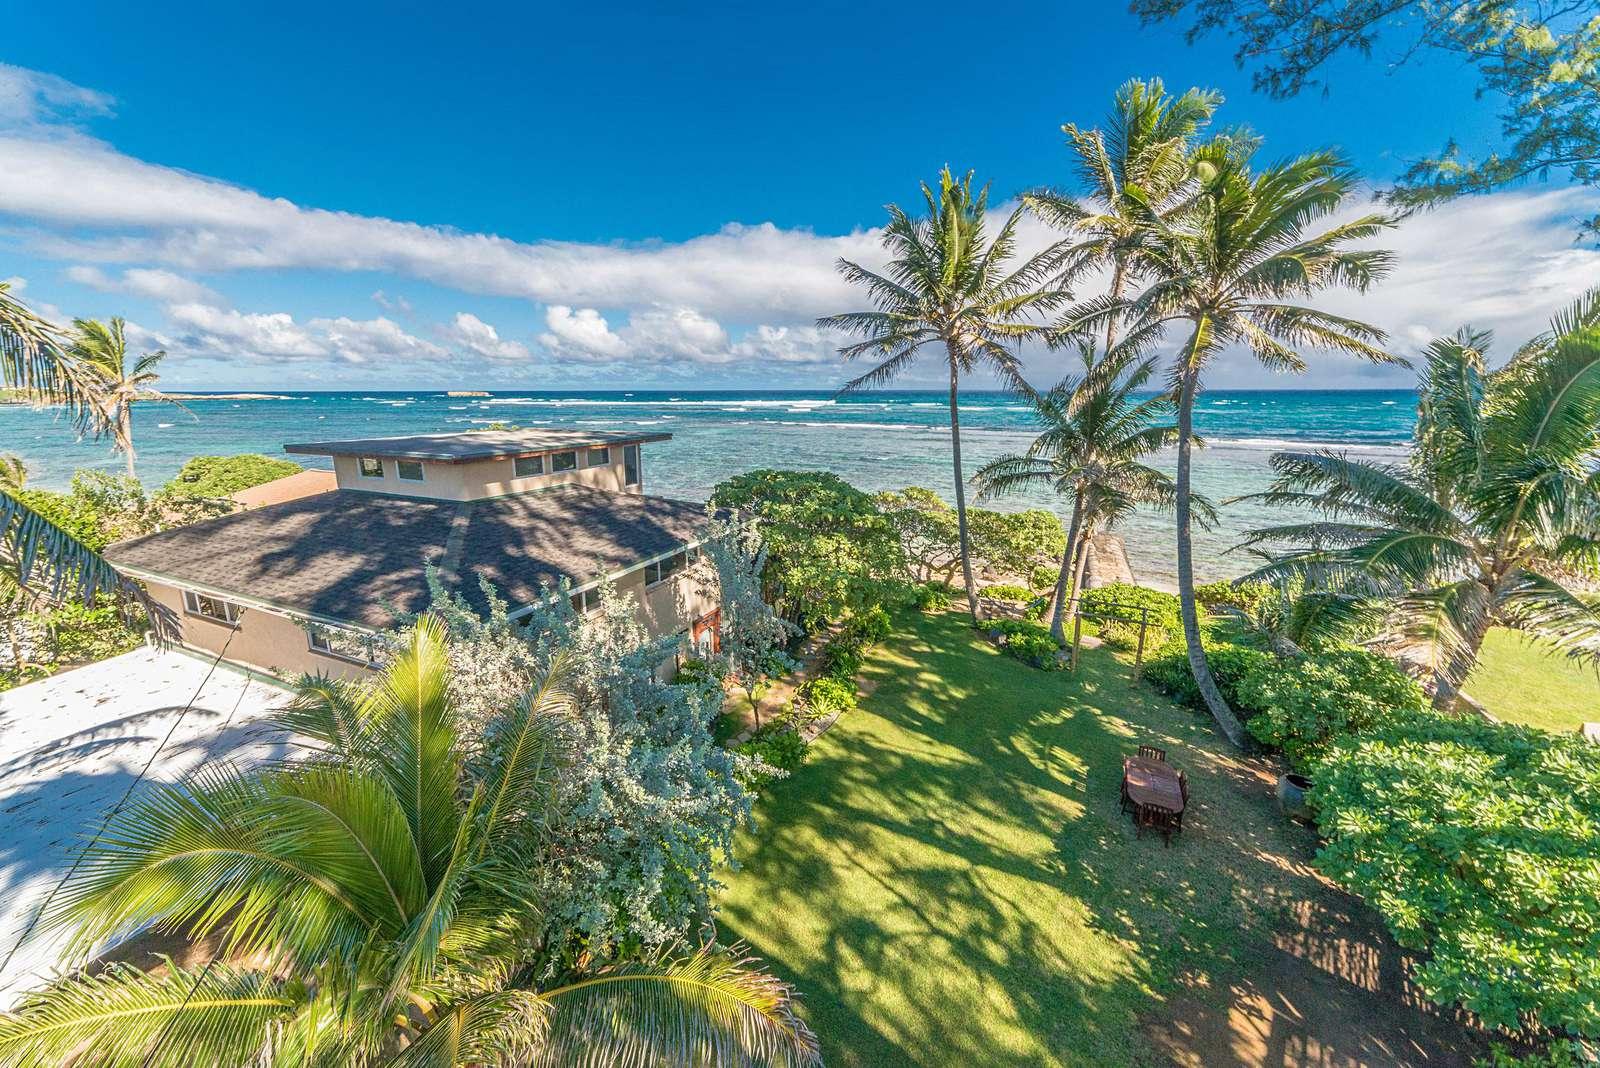 Bird's eye view of Tiki Moon  Villas beach front area